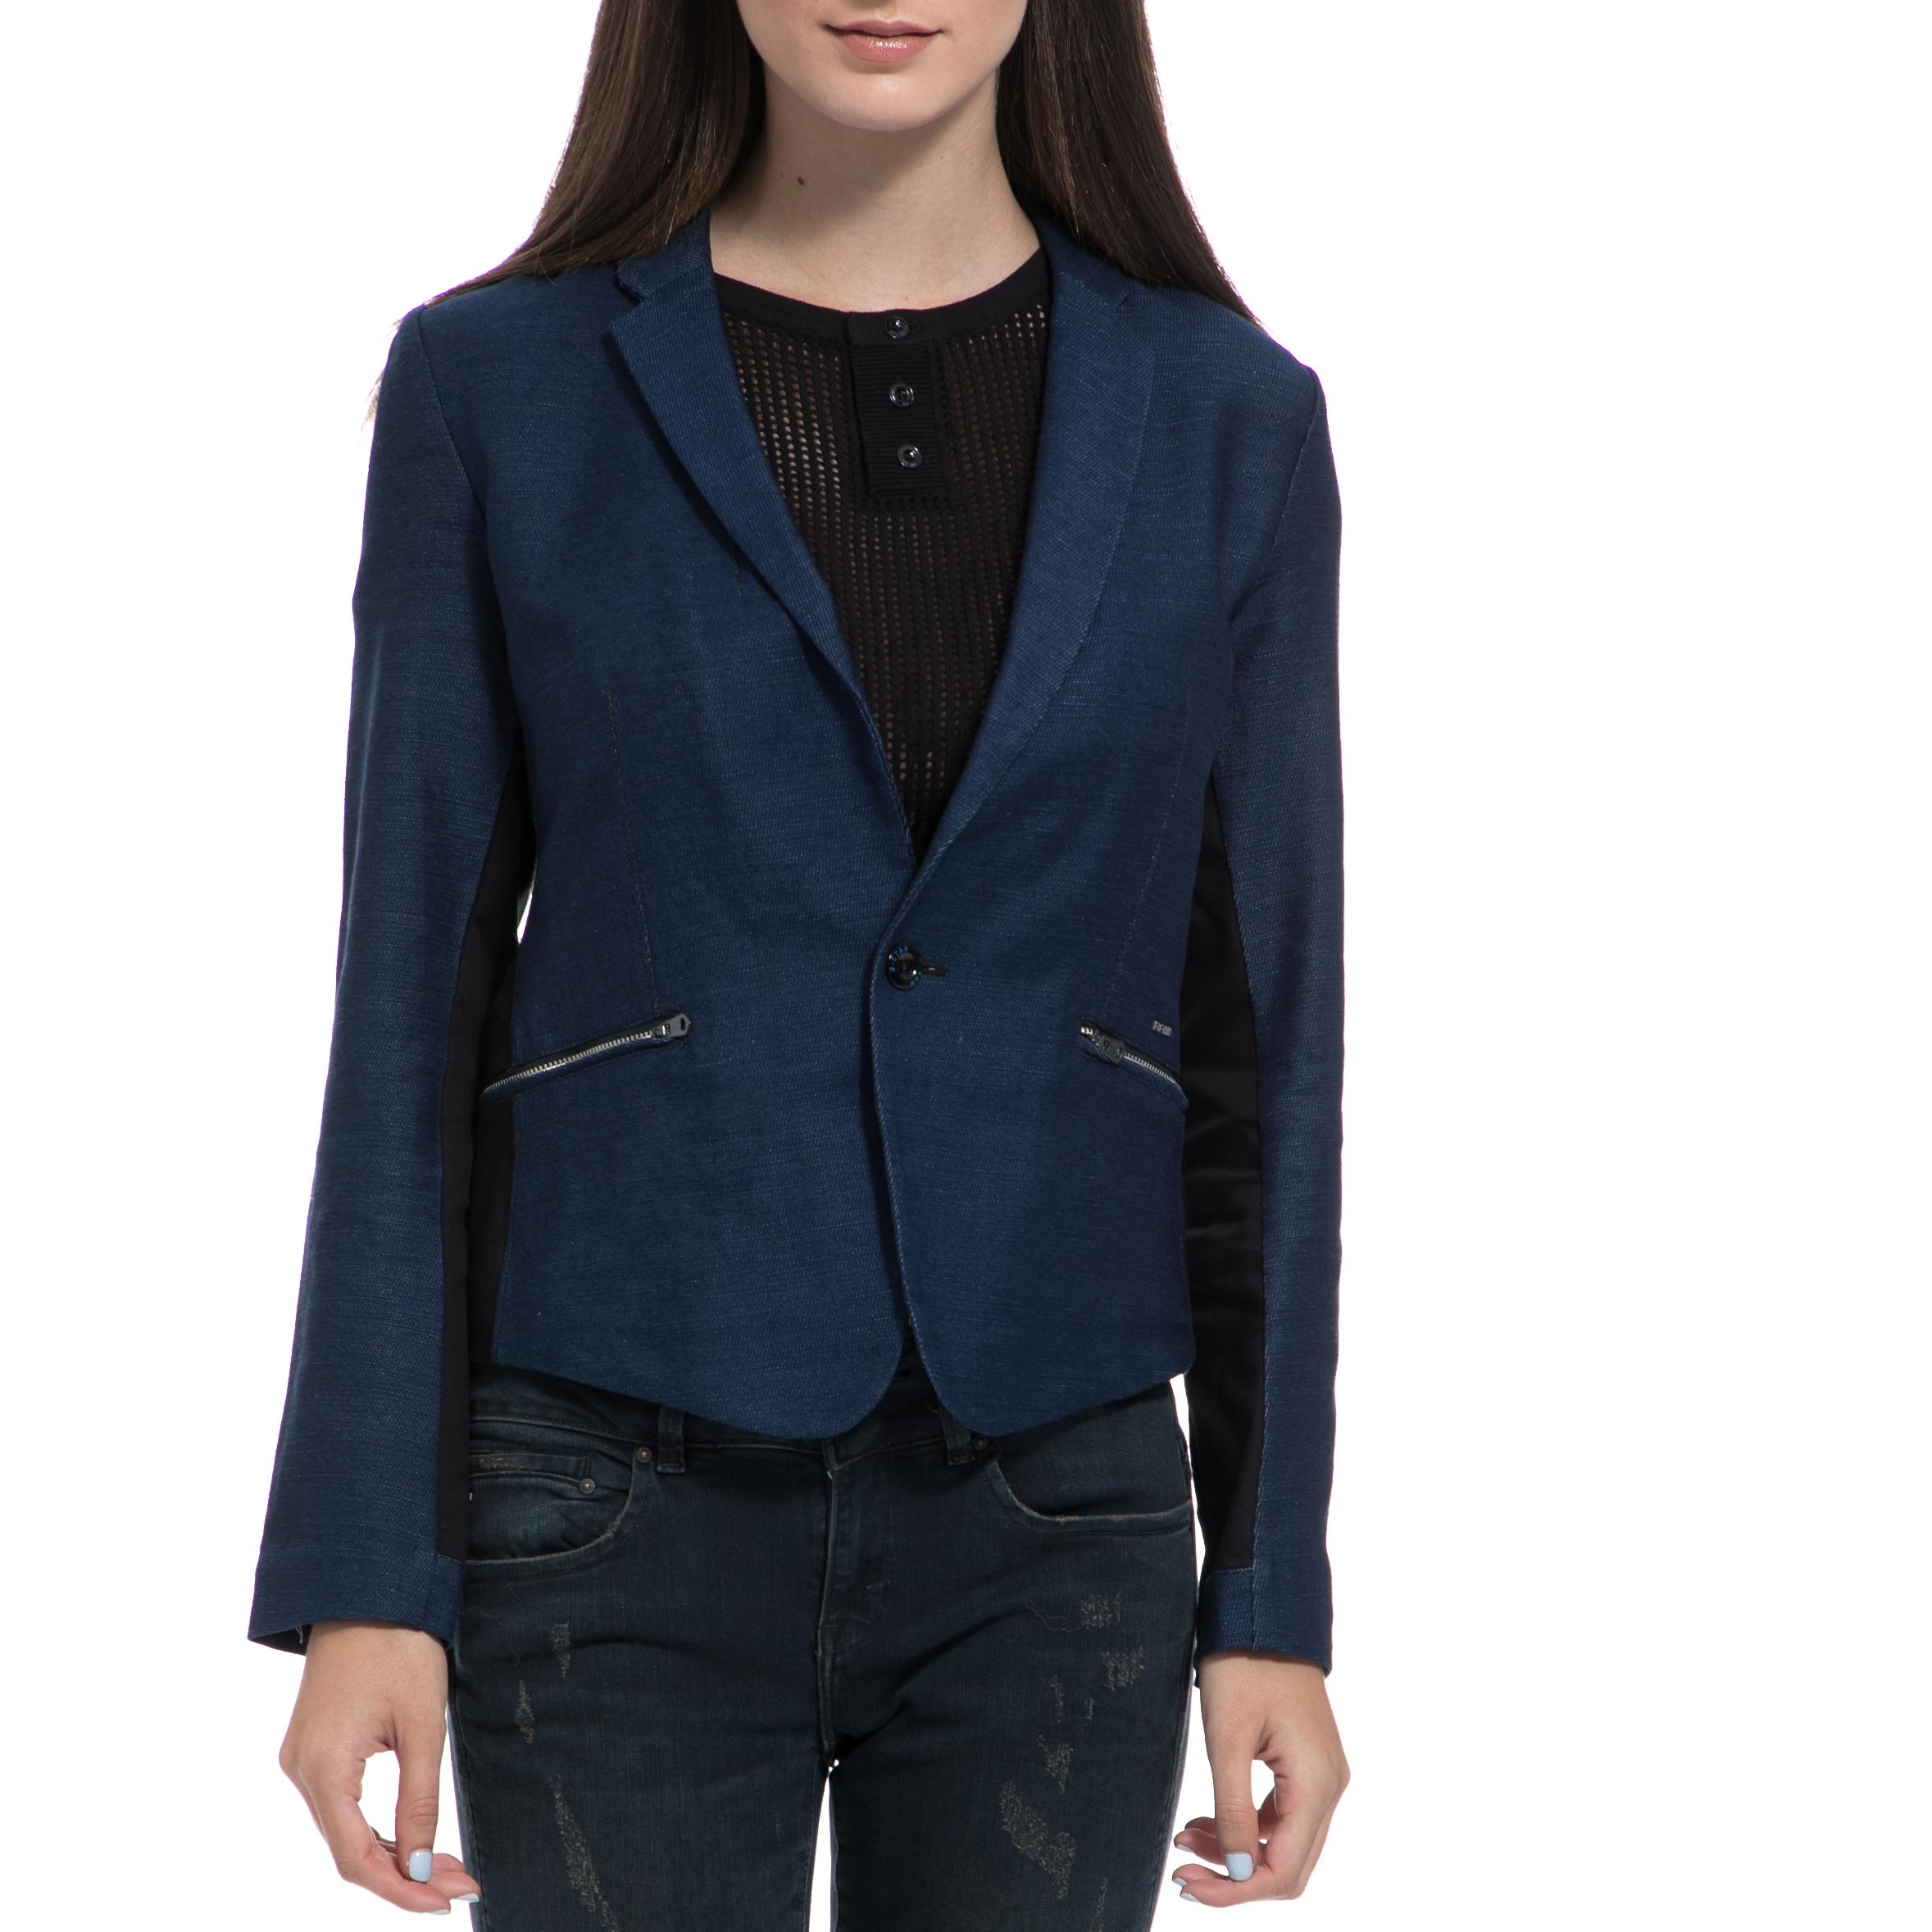 G-STAR RAW - Γυναικείο σακάκι G-STAR RAW μπλε γυναικεία ρούχα πανωφόρια σακάκια